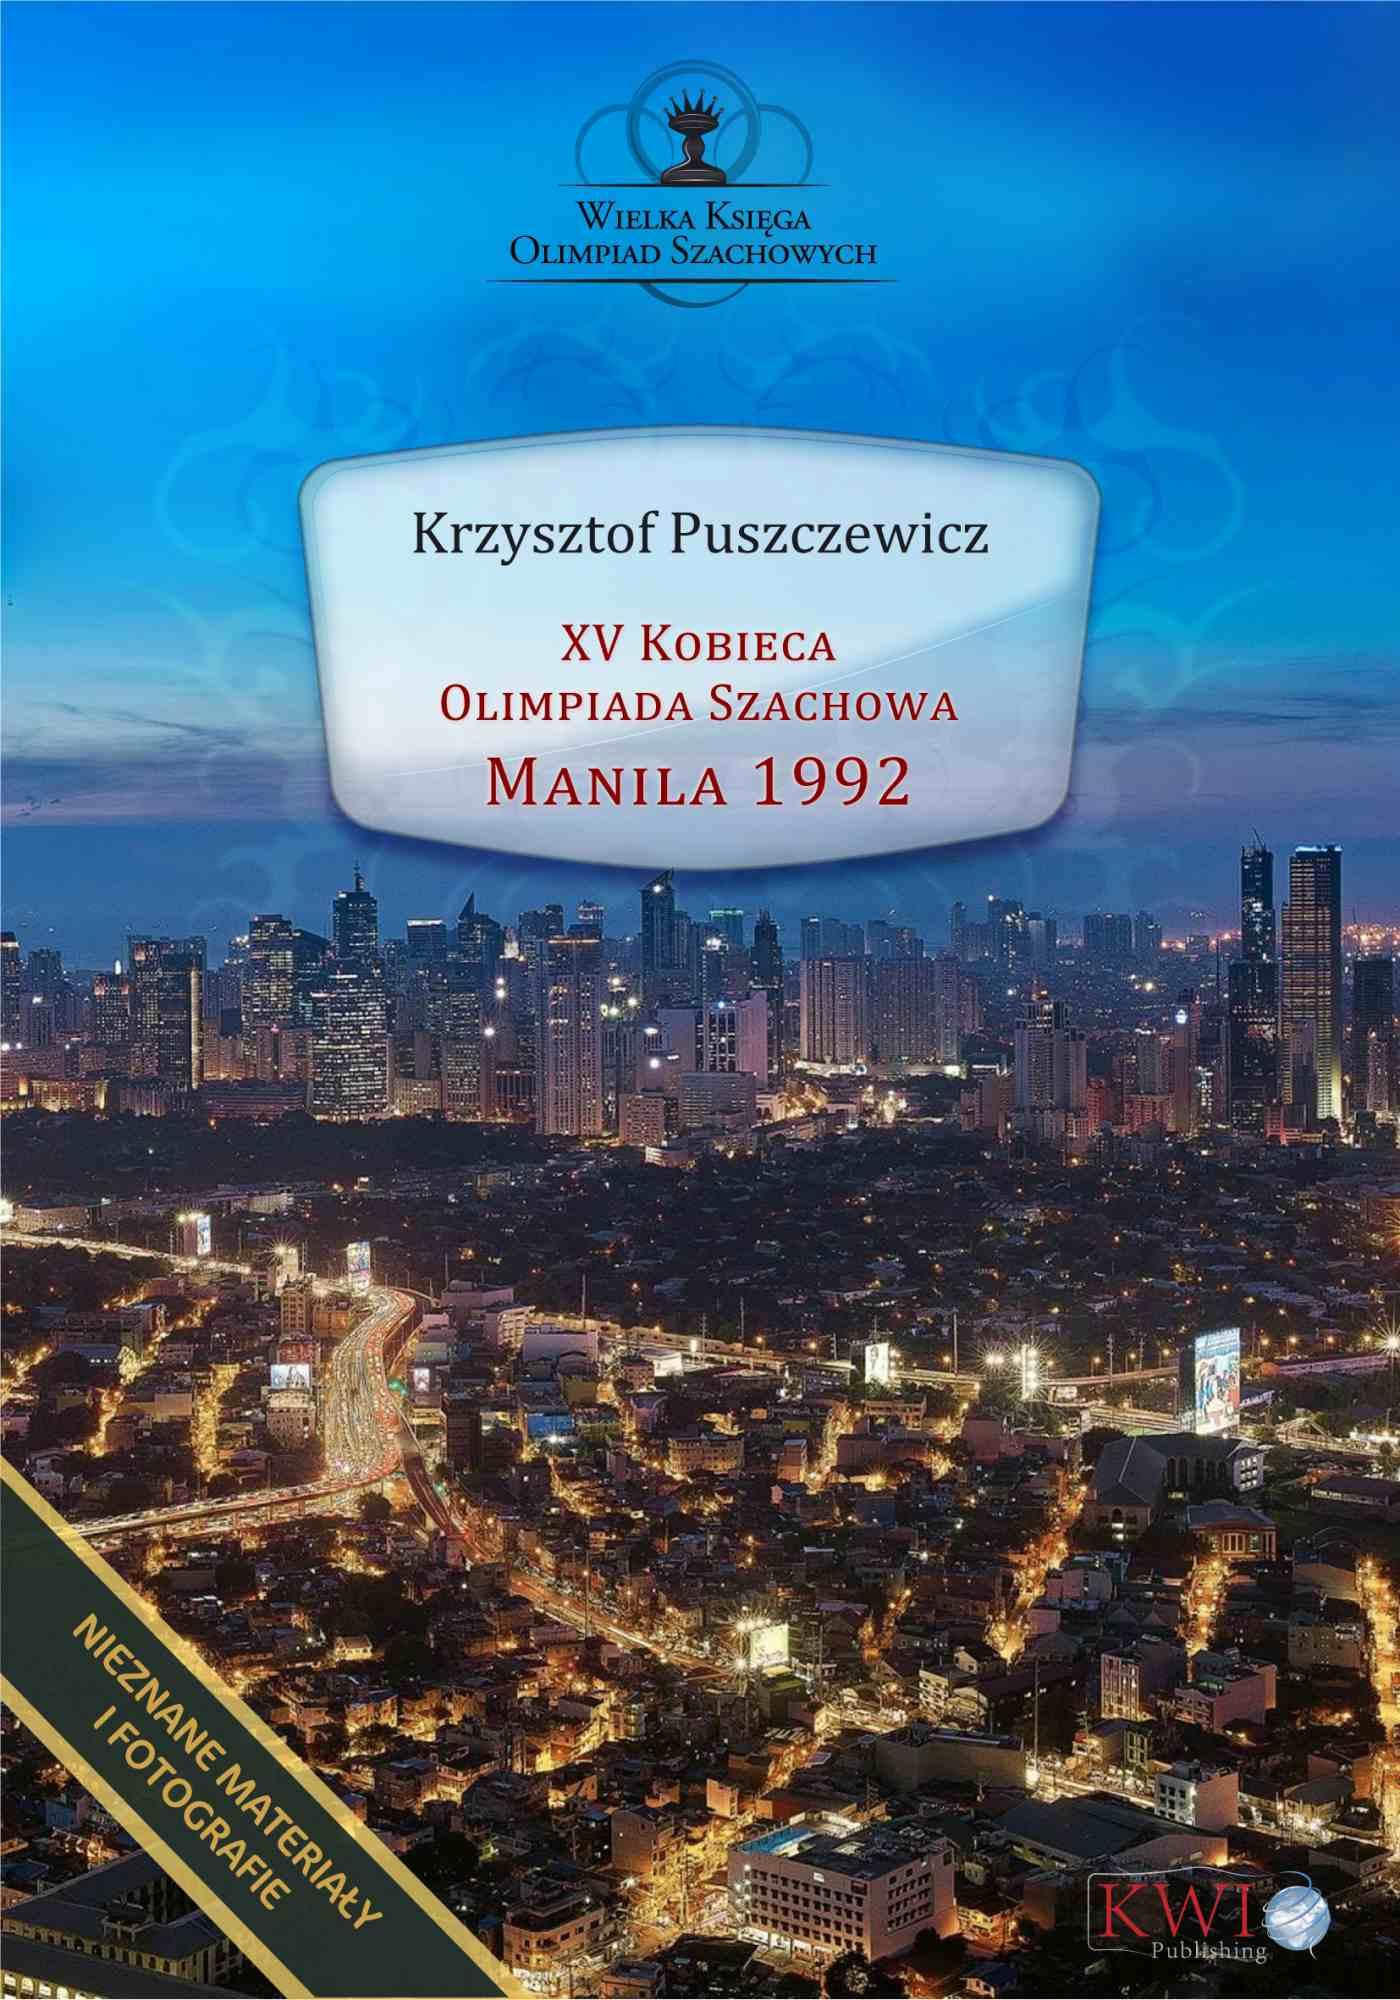 XV Kobieca Olimpiada Szachowa Manila 1992 - Ebook (Książka EPUB) do pobrania w formacie EPUB